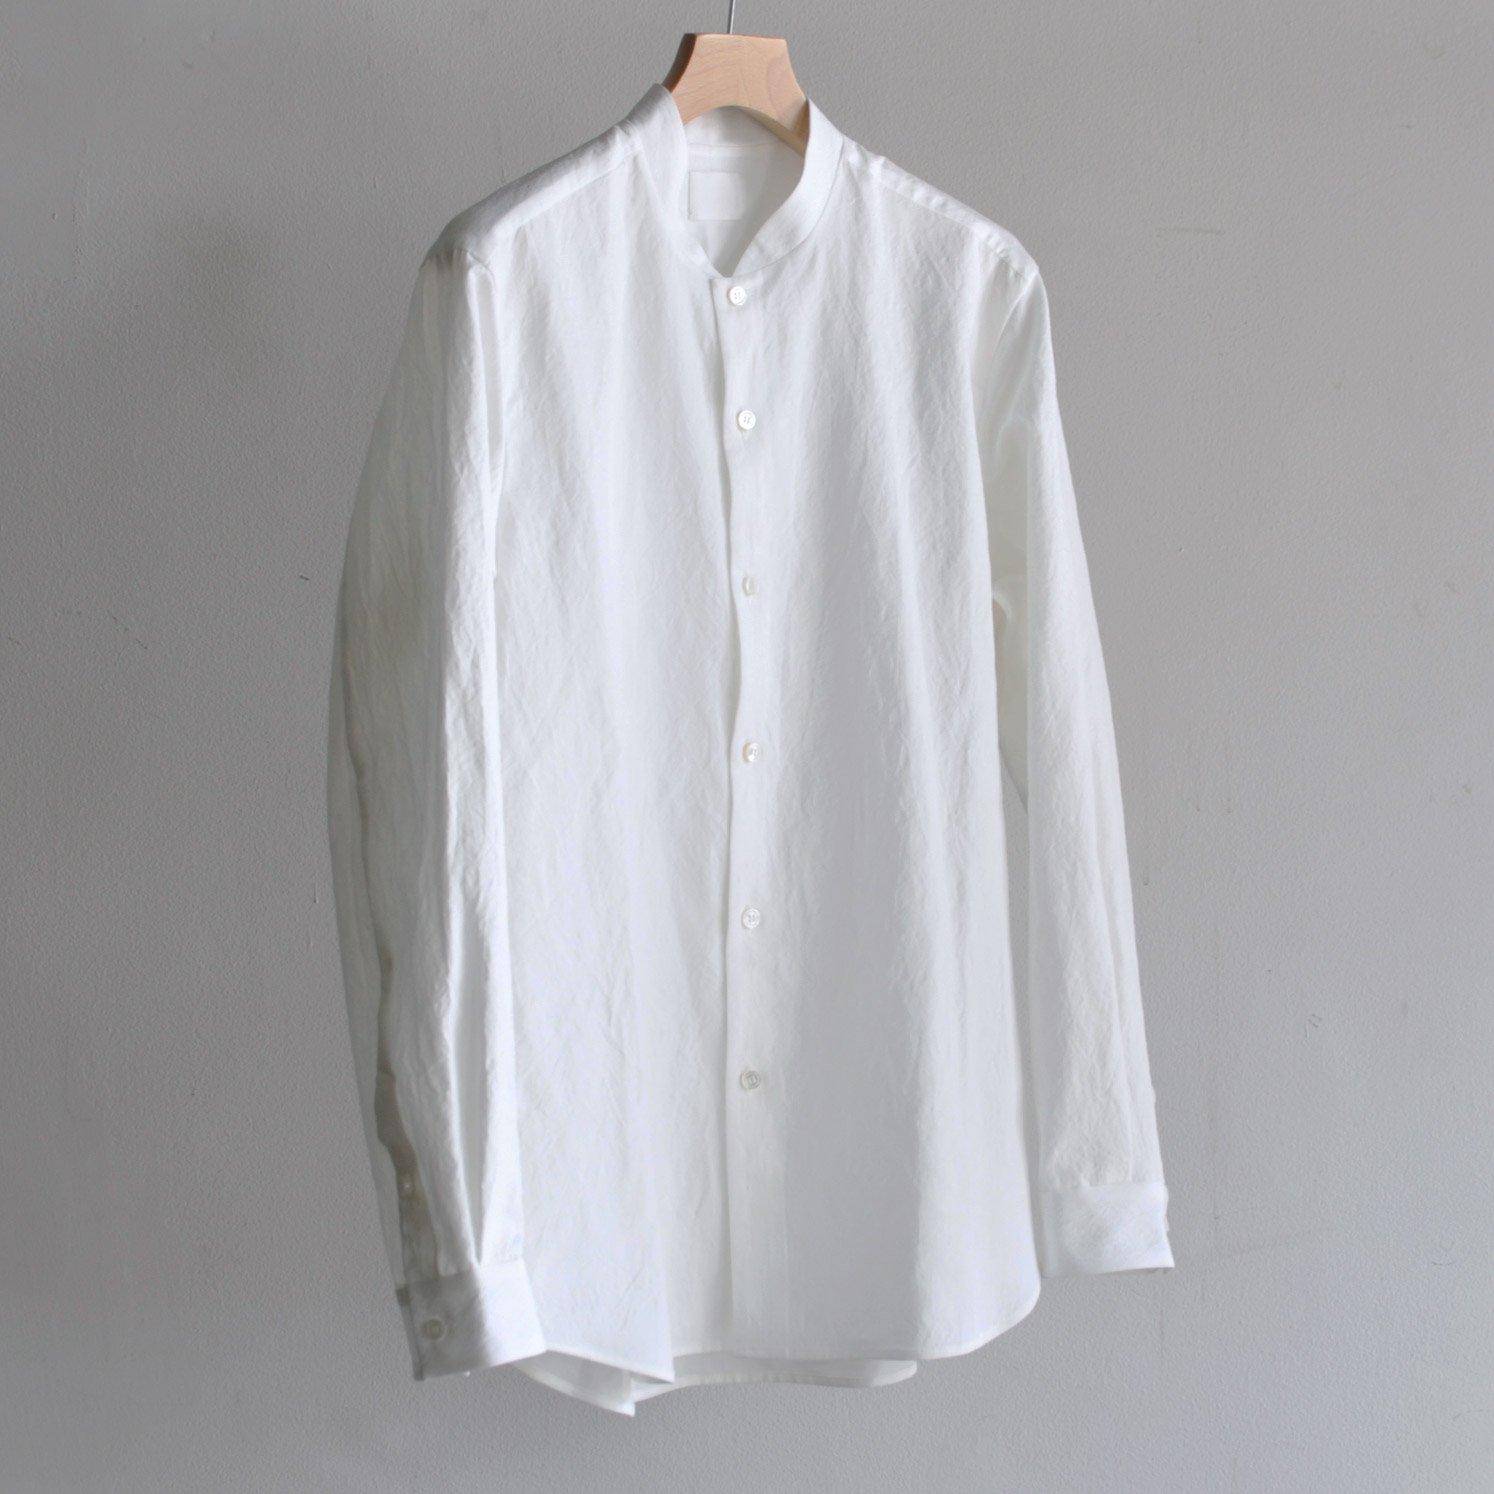 有松塩縮加工リネンシャツ・羽衿無し  [WHITE]